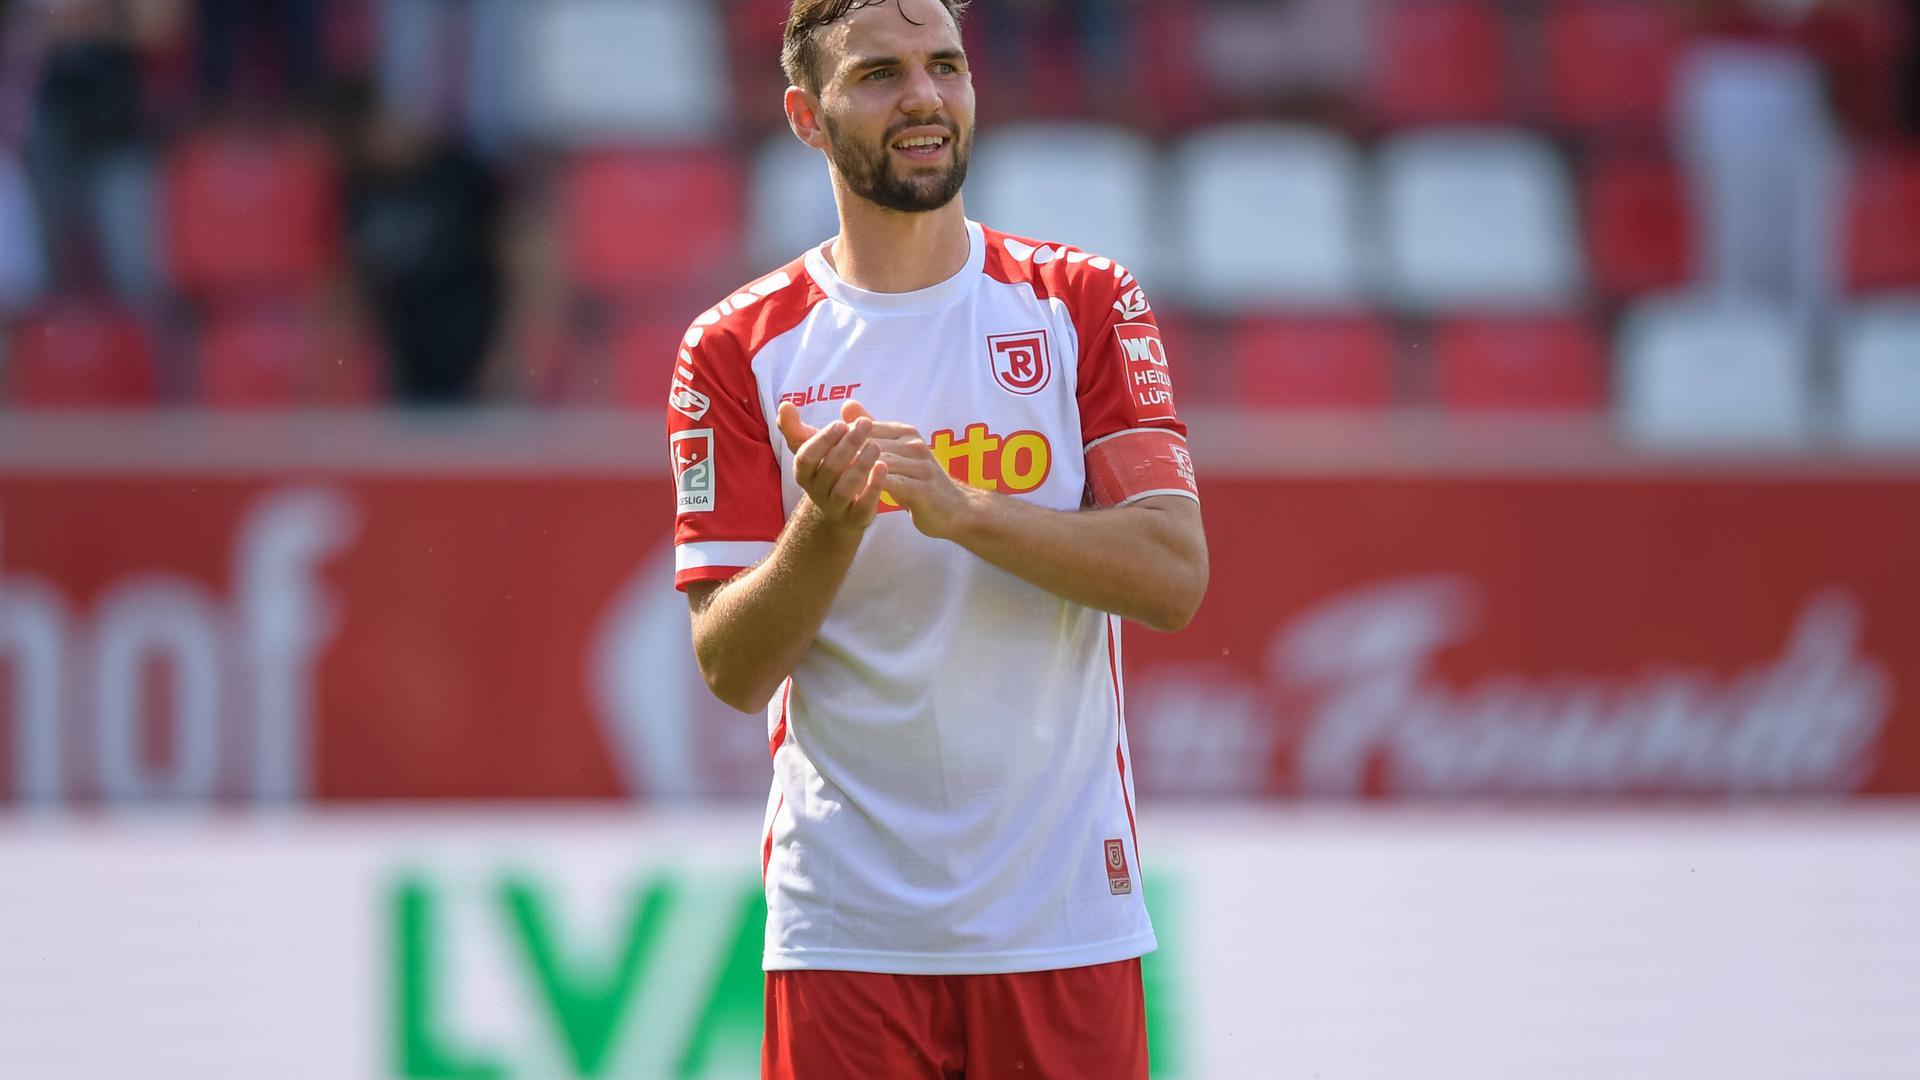 Jahn-Kapitän ist ein Badener: Benedikt Gimber ist beim Zweitliga-Spitzenreiter eine tragende Säule im defensiven Mittelfeld.